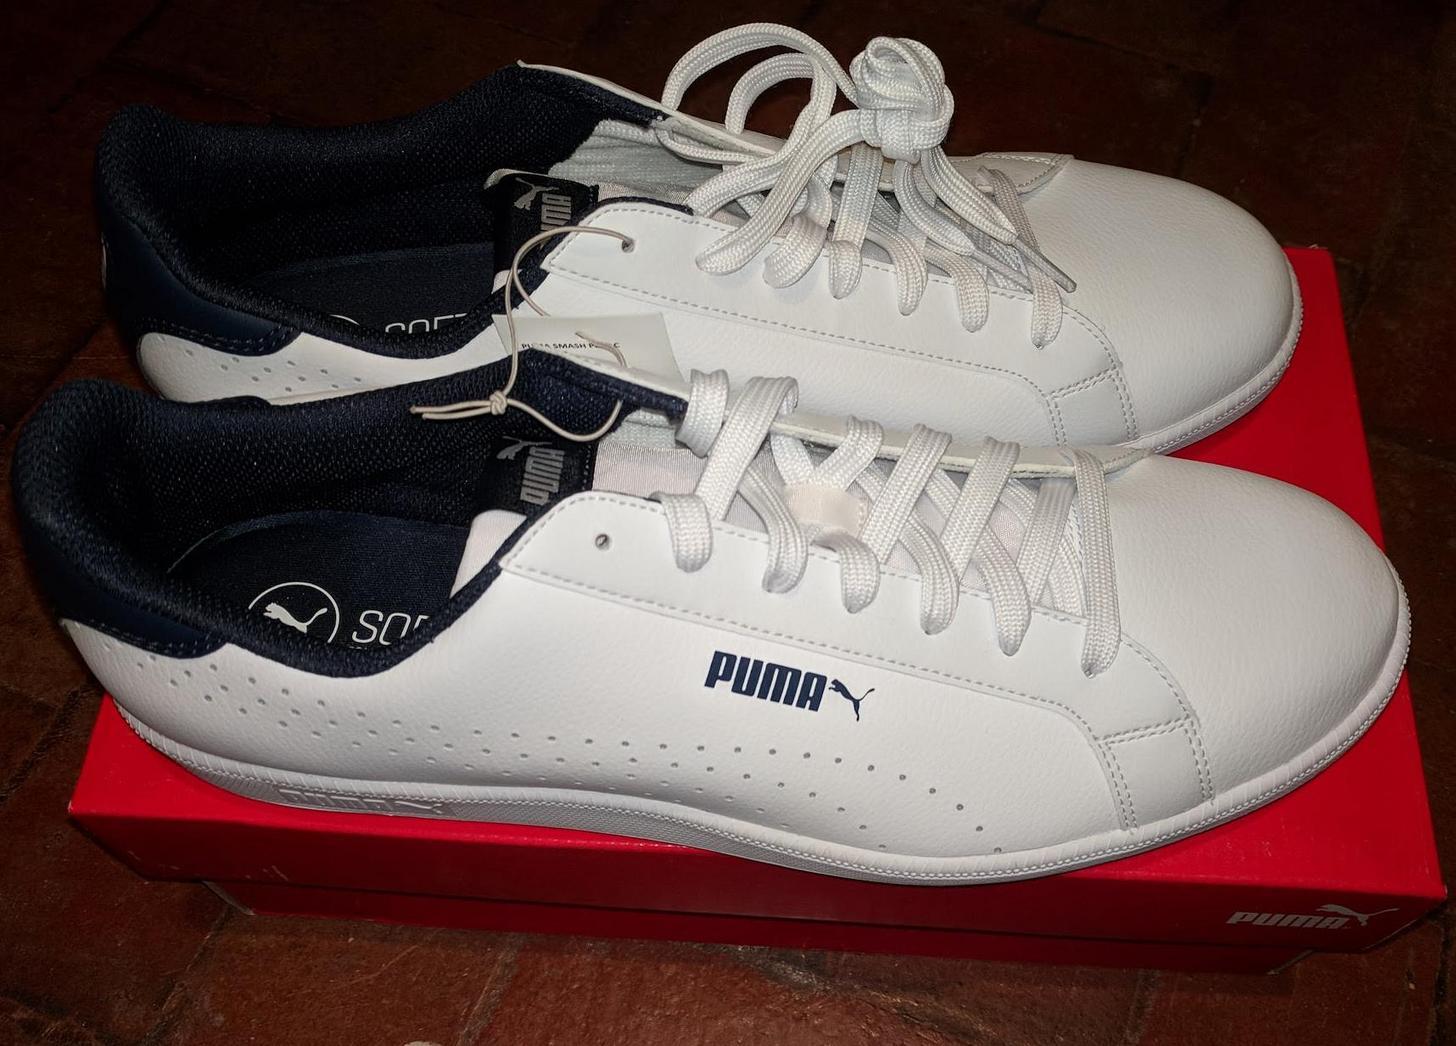 6c33cb0b397f Costco Puma shoes in white or black  24.99   frugalmalefashion